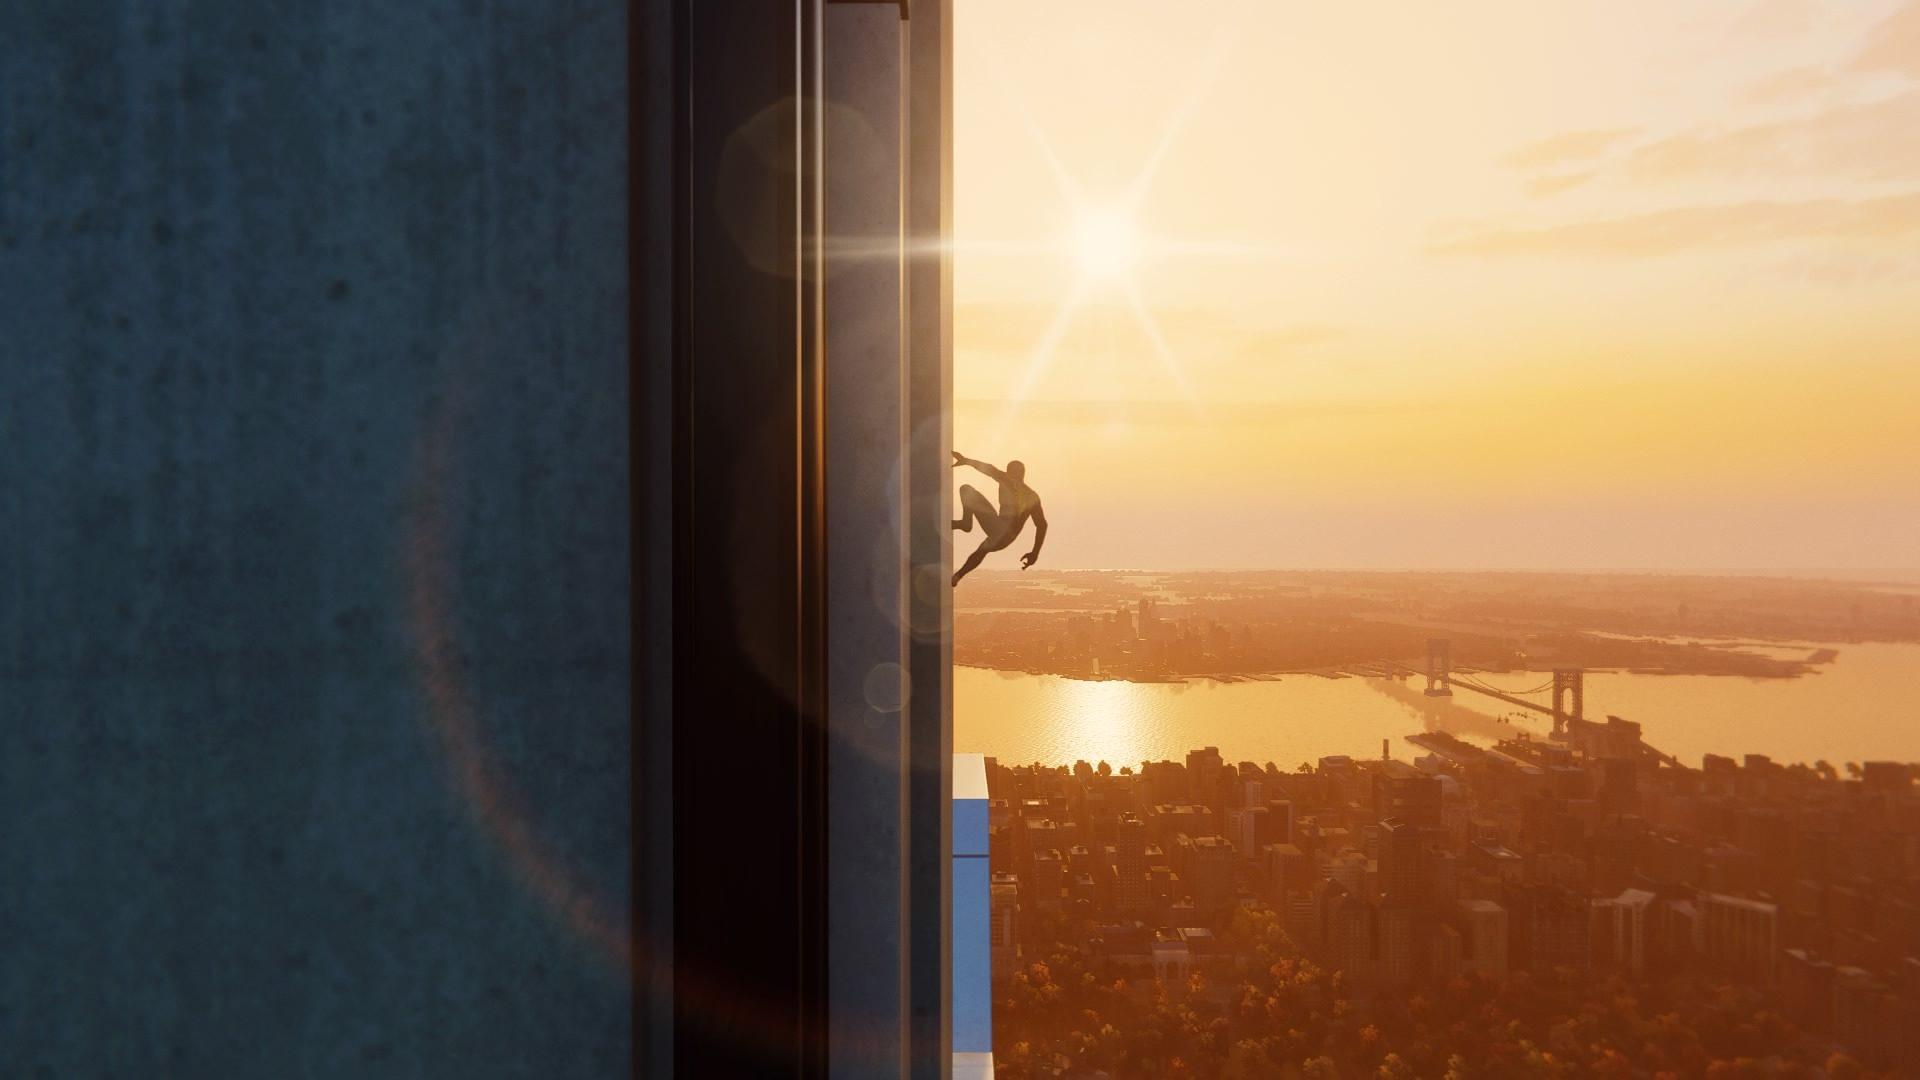 Spider-Man Avenger's Building